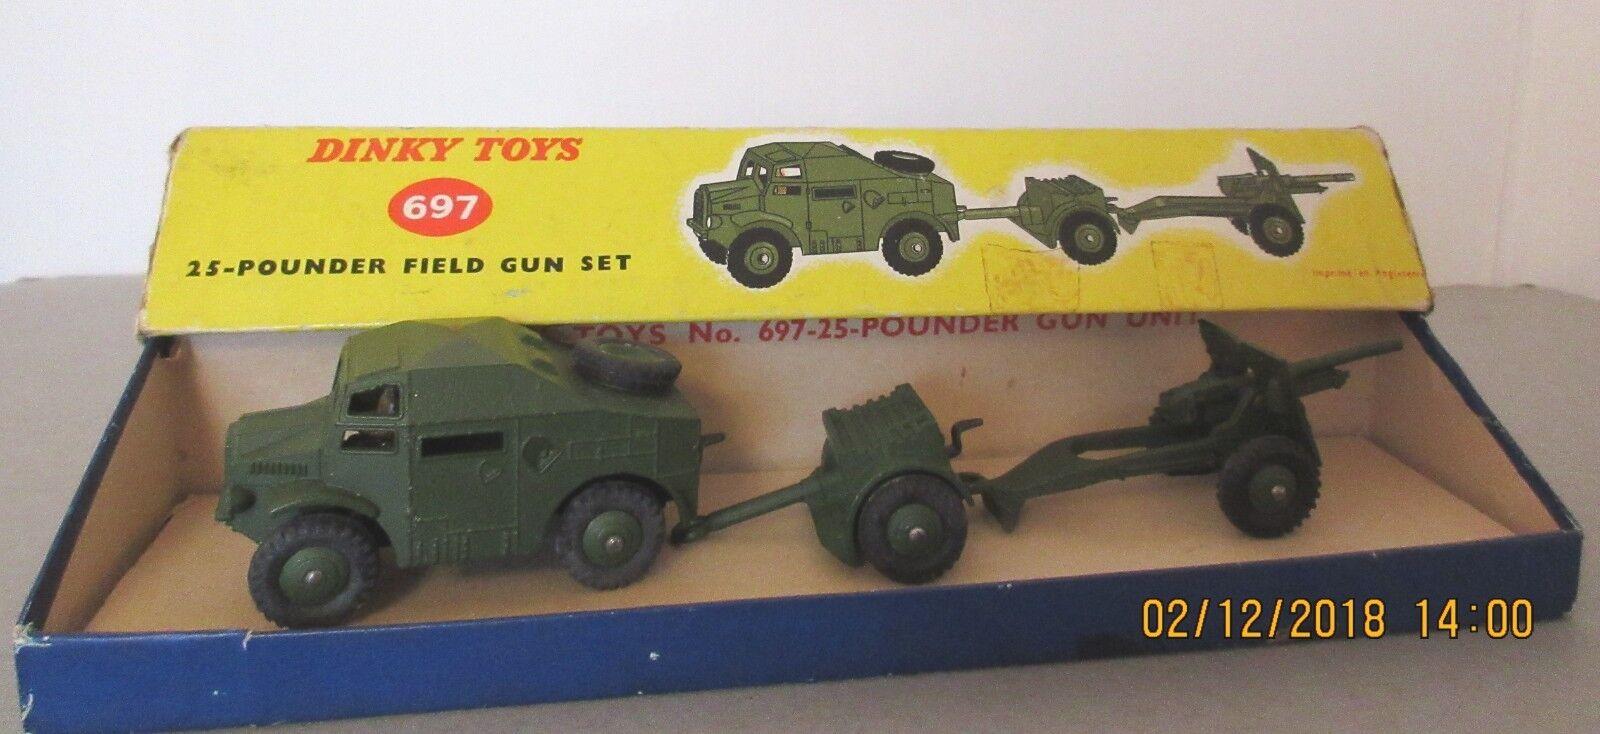 DINKY TOYS MILITAIRE ARMÉE 25 25 25 POUNDER FIELD GUN SET-DINKY TOYS Modèles Militaires | Une Performance Fiable  0e297b